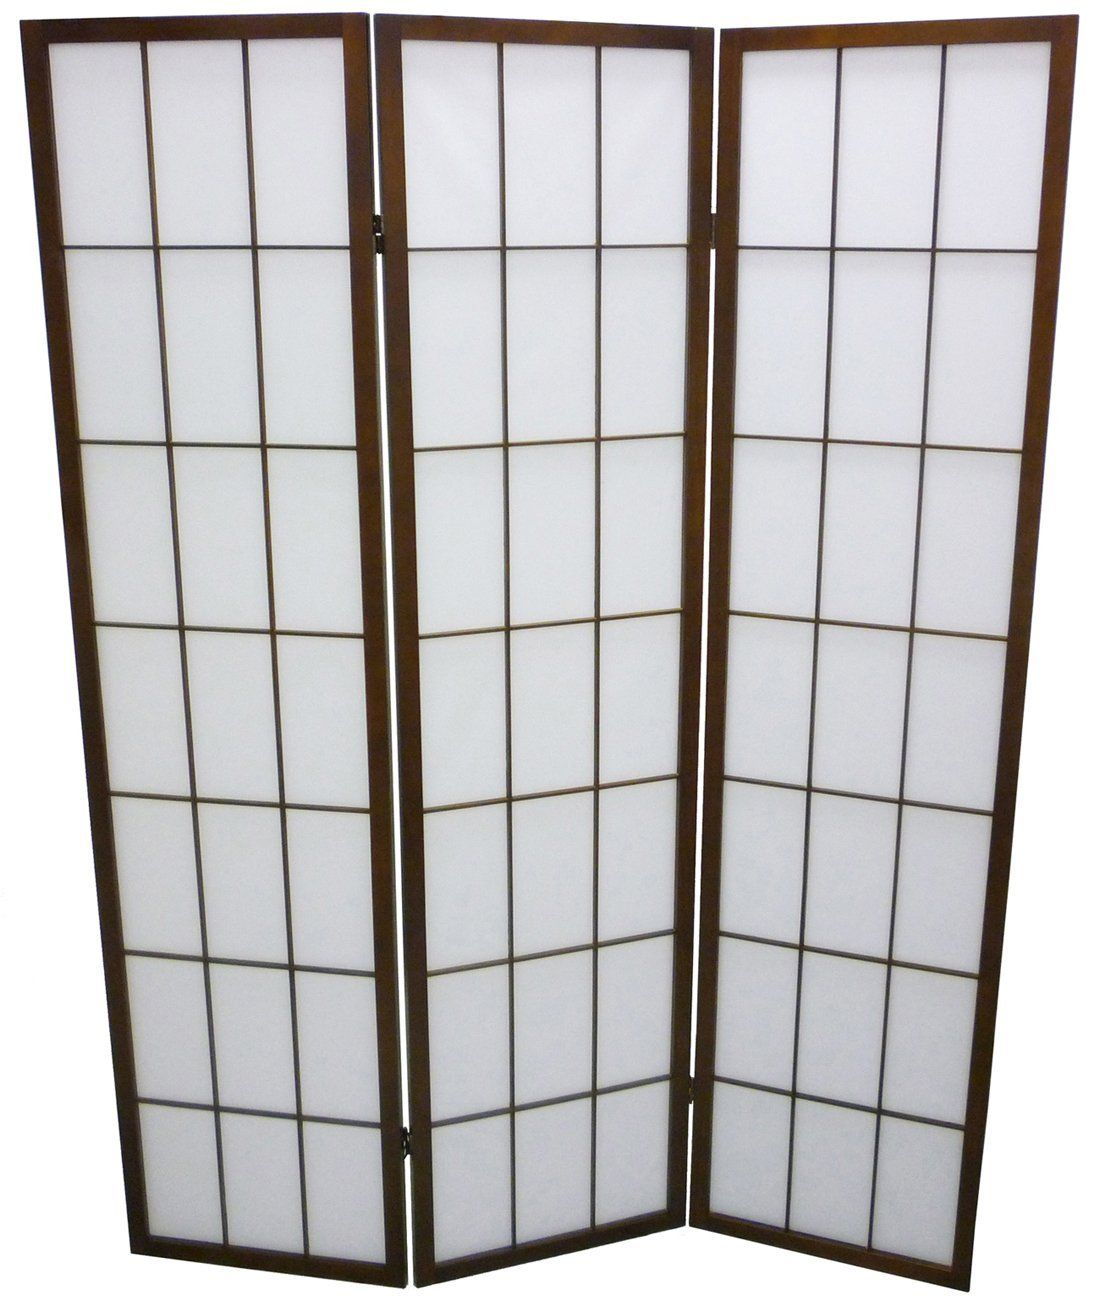 Entratine Moderne Ikea.Pannelli Divisori Per Interni Ikea Divisorio Carta Di